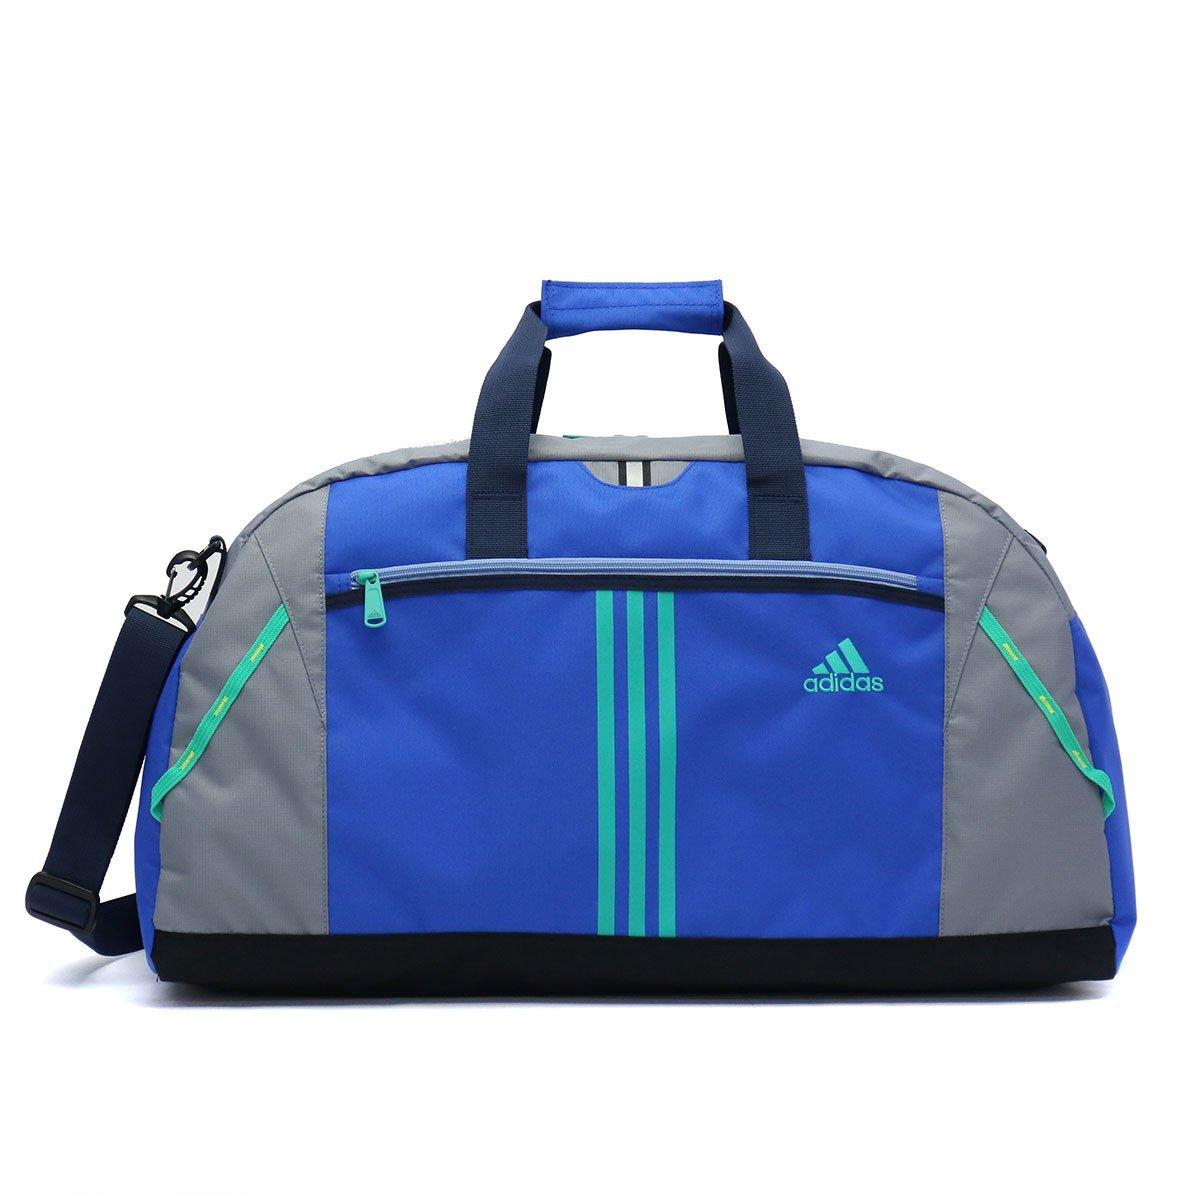 [アディダス]adidas ボストンバッグ キッズ 46L 47949 B07BGXPPXV ブルー(03) ブルー(03)